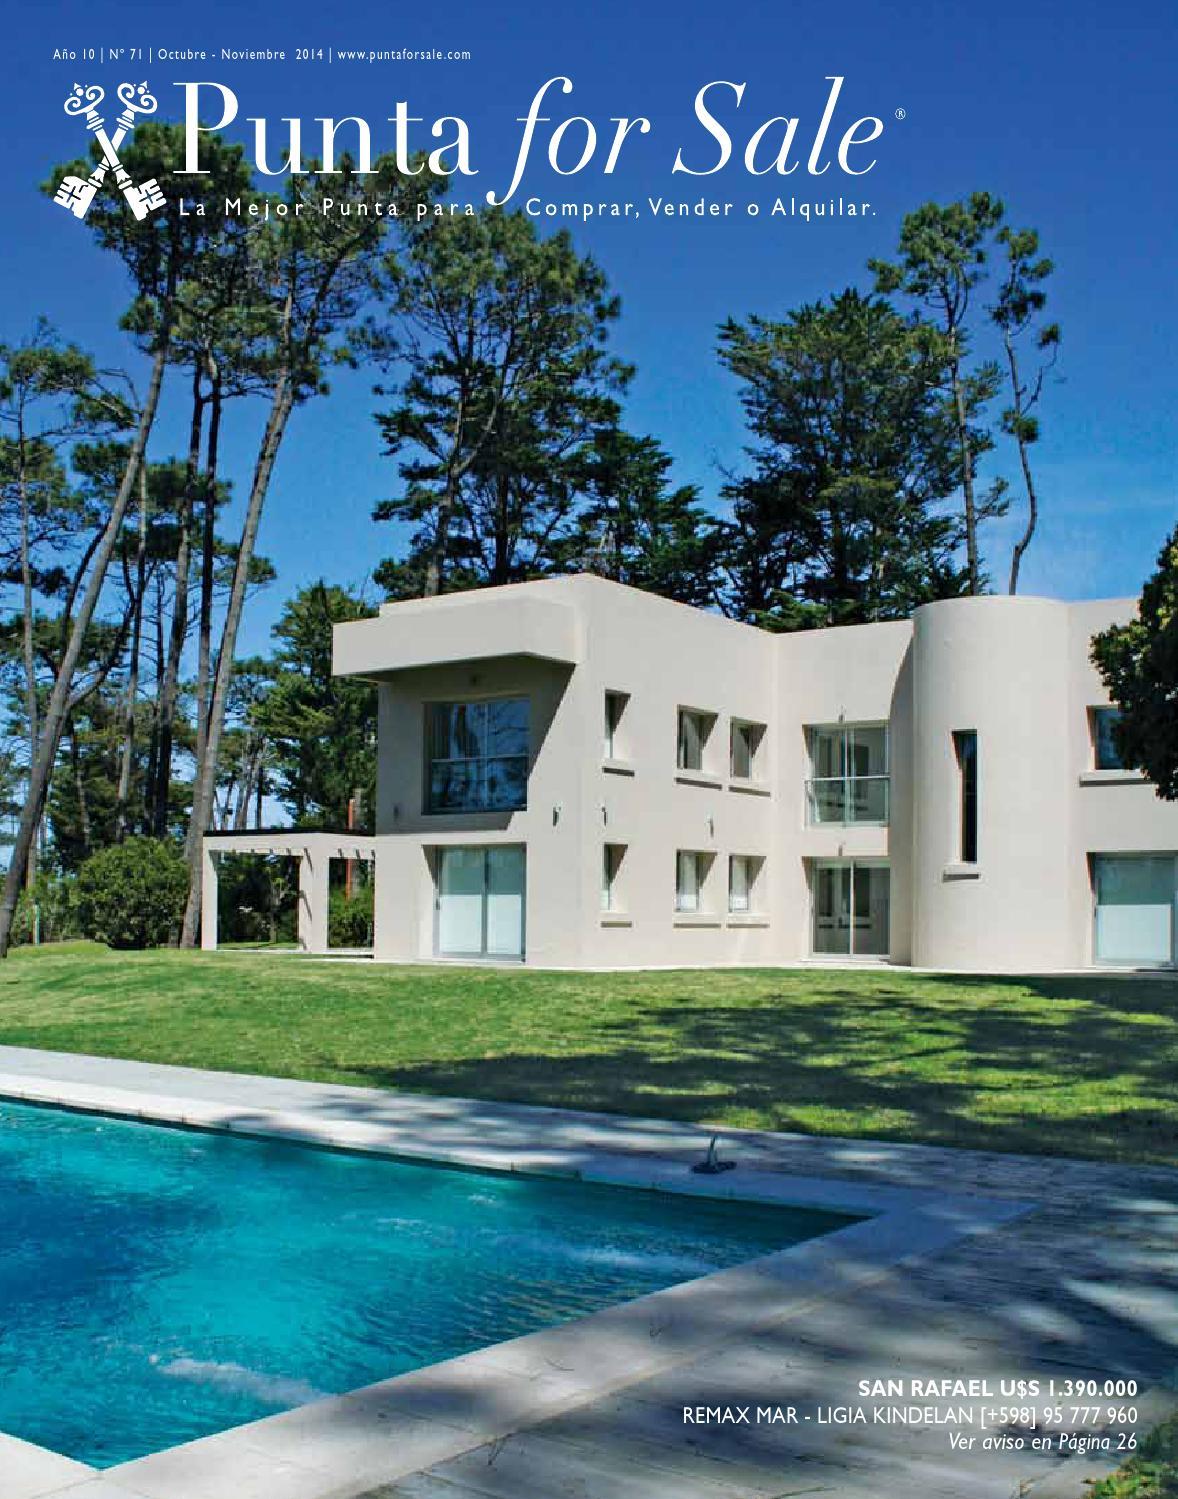 Revista de Real Estate Punta For Sale, edición Octubre - Noviembre 2014